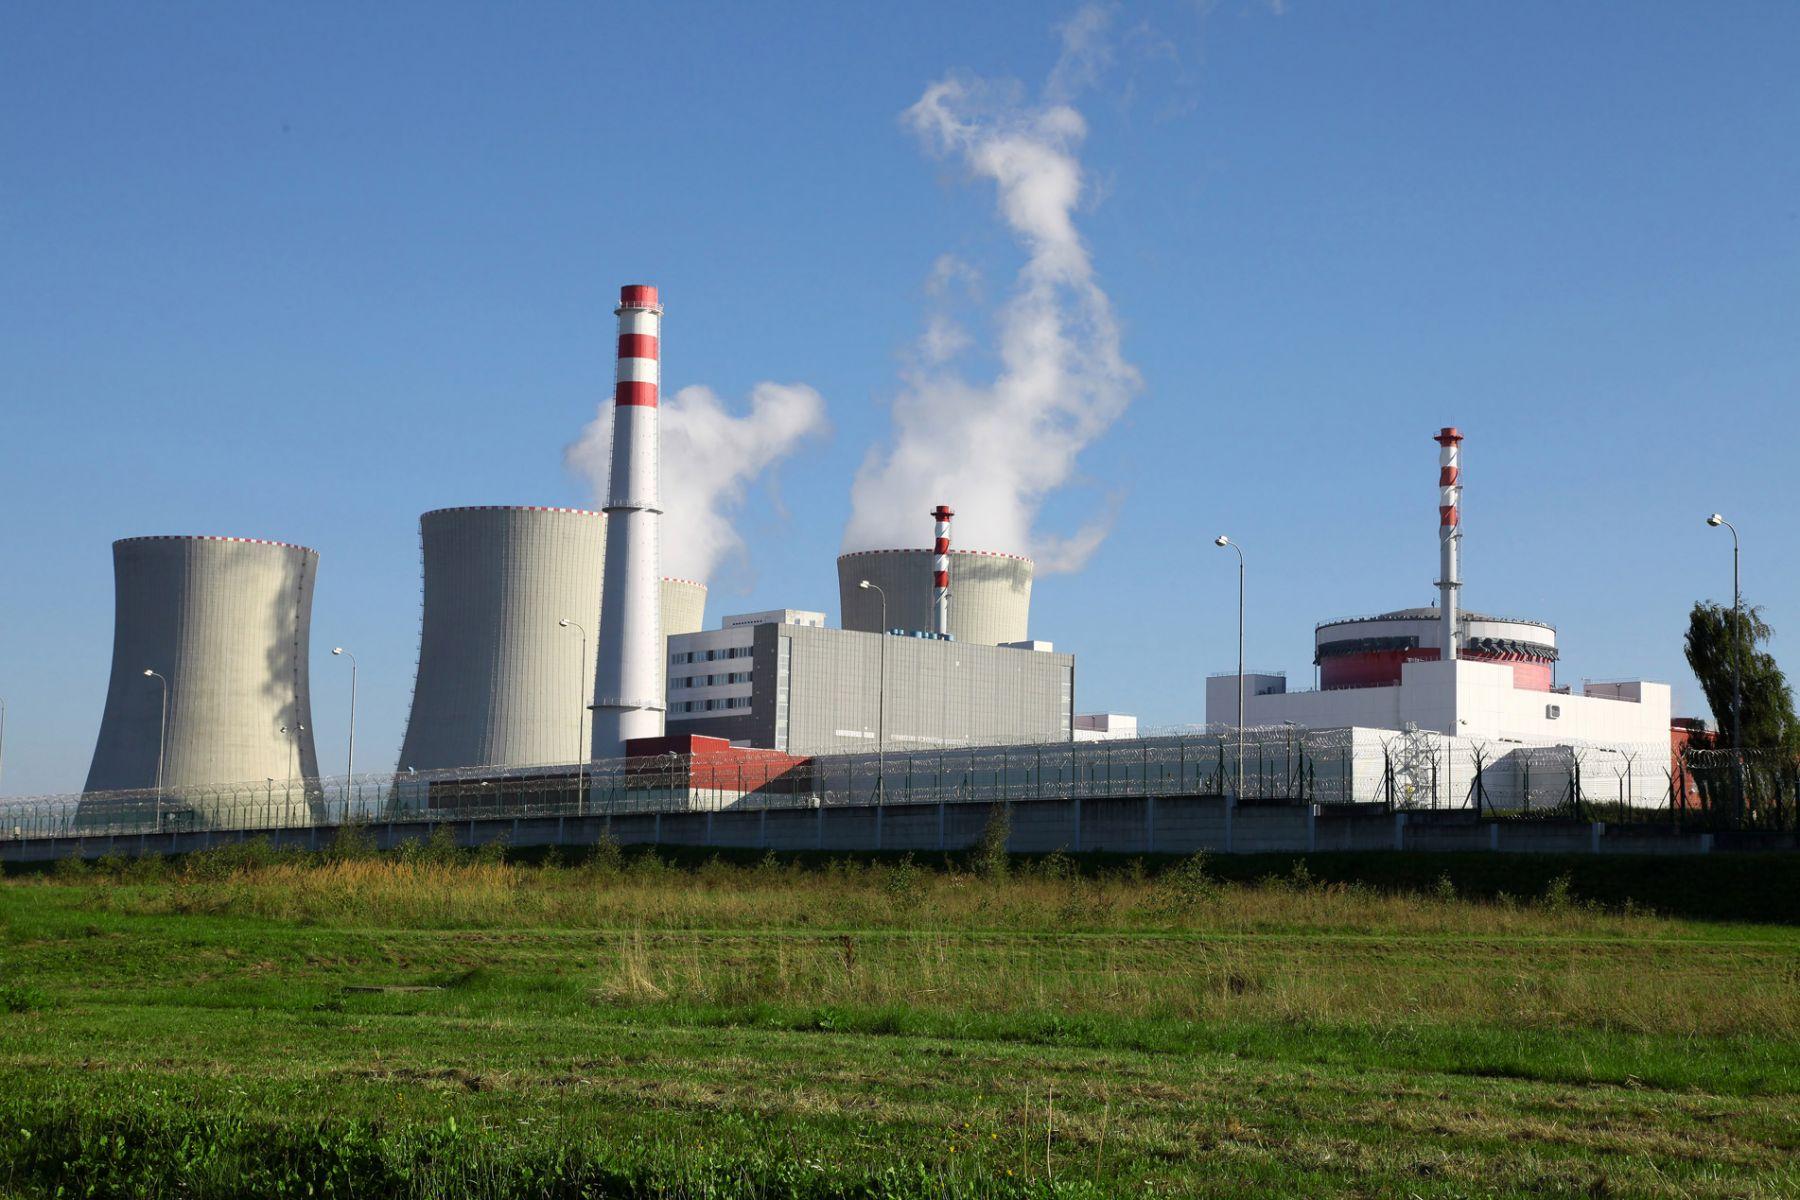 過半台人不清楚能源轉型目標  要不要核竟付諸公投?